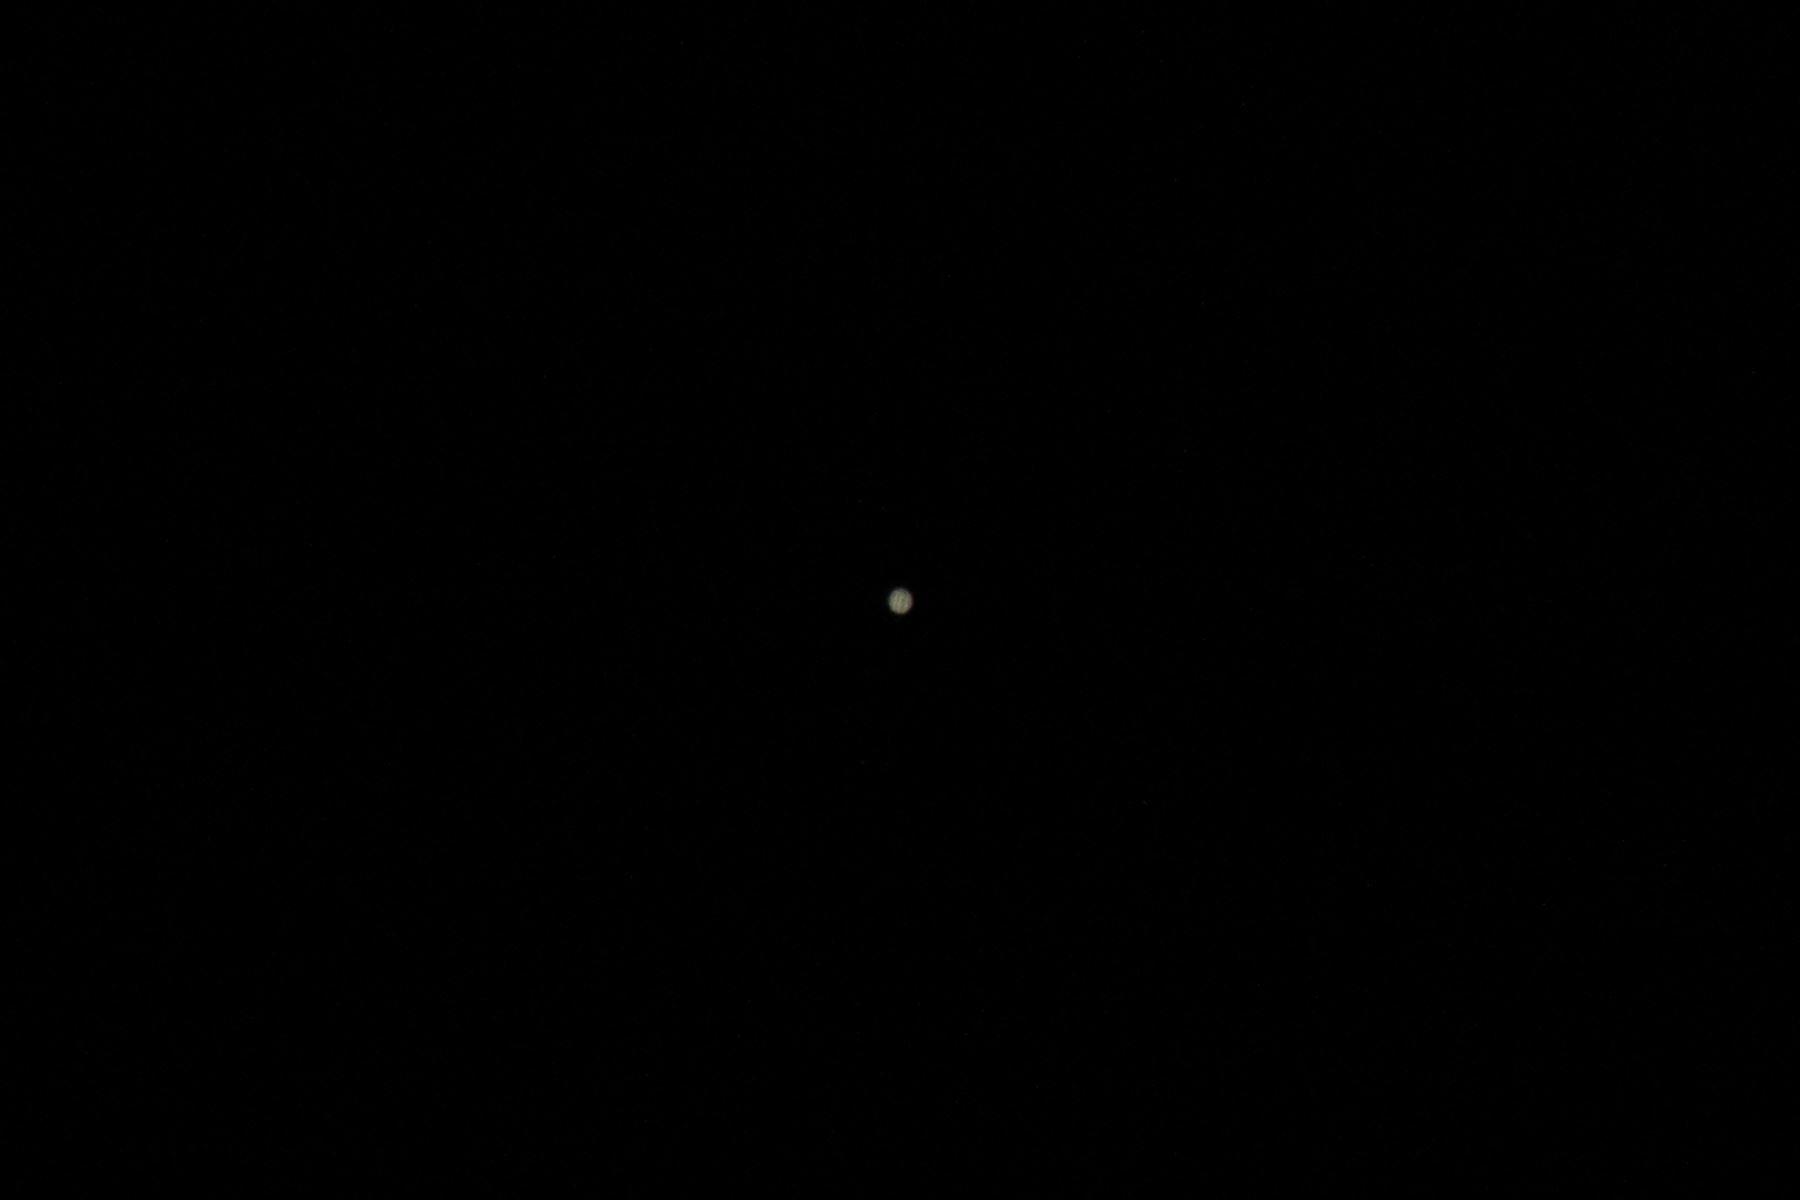 El planeta Júpiter, el más grande del sistema solar, se aprecia desde el cielo limeño. Foto: ANDINA/Carlos Lezama